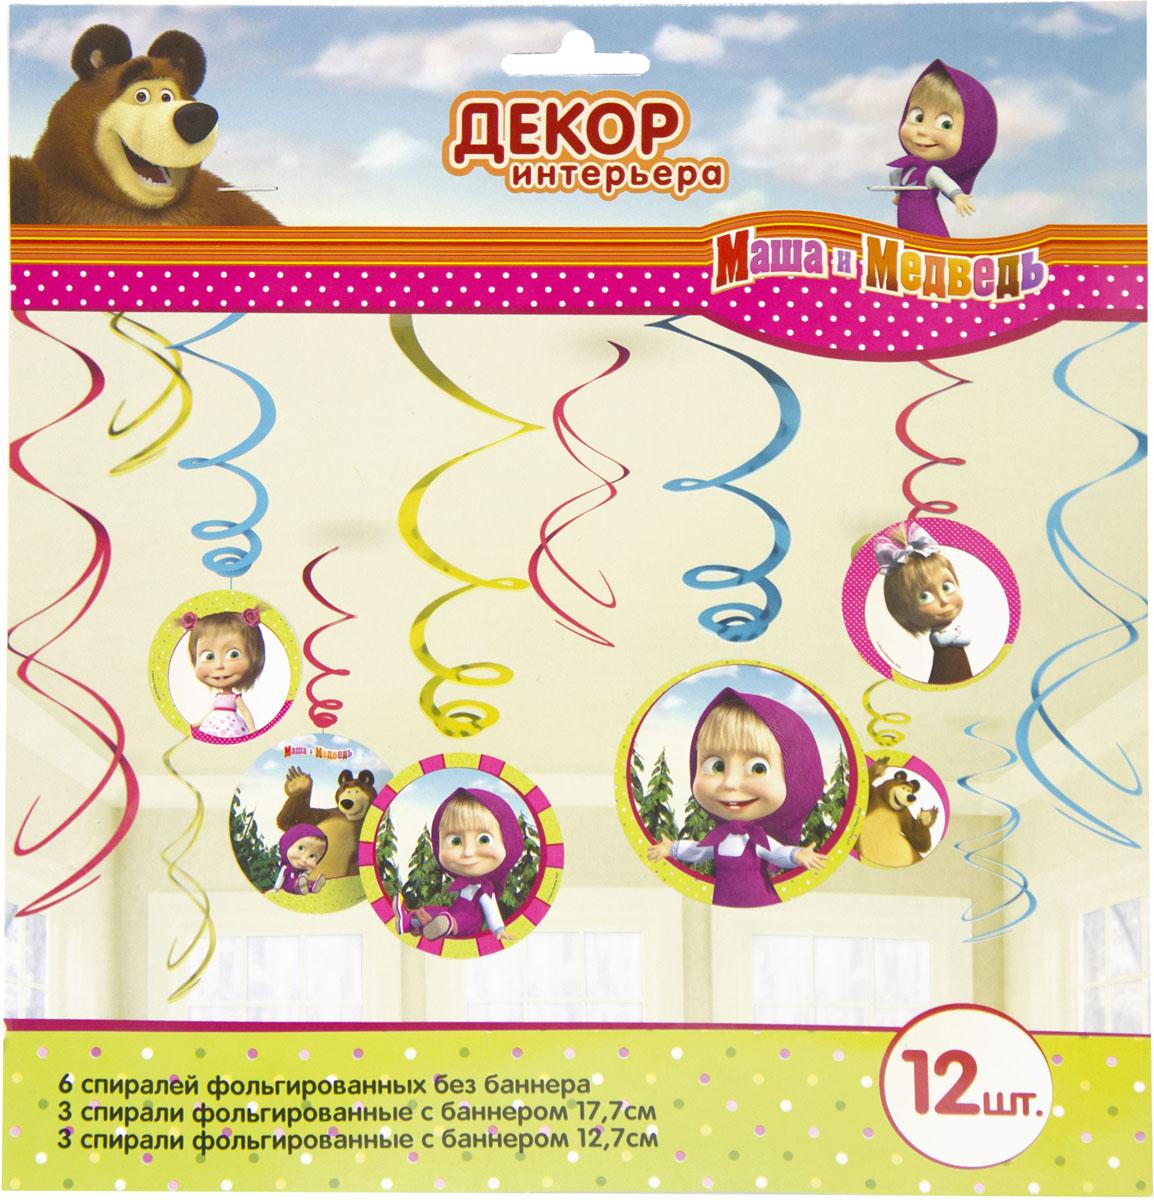 Веселая затея Спираль для украшения интерьера С днем рождения Маша и Медведь 46-60 см 12 шт -  Украшения для интерьера